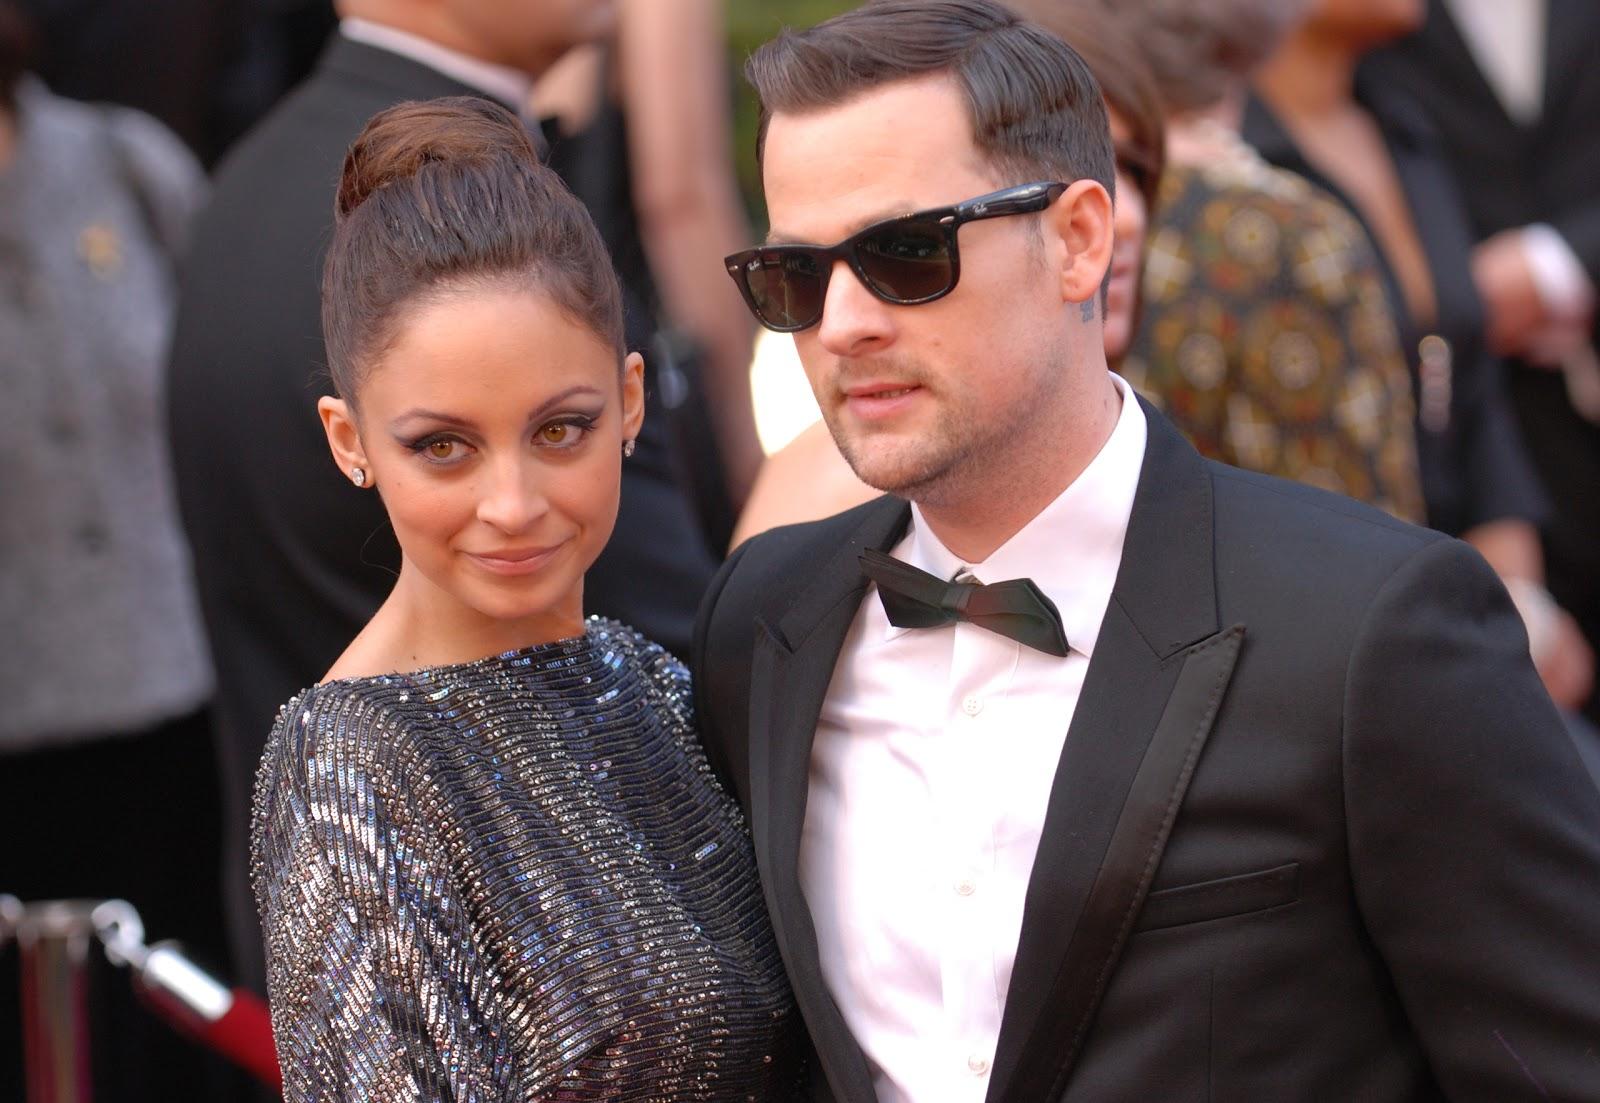 http://3.bp.blogspot.com/_Z_3PxcjgXN4/TQ7XWRCp8tI/AAAAAAAAAB8/DRnGG-cetAo/s1600/Nicole_Richie_and_Joel_Madden_%2540_2010_Academy_Awards.jpg